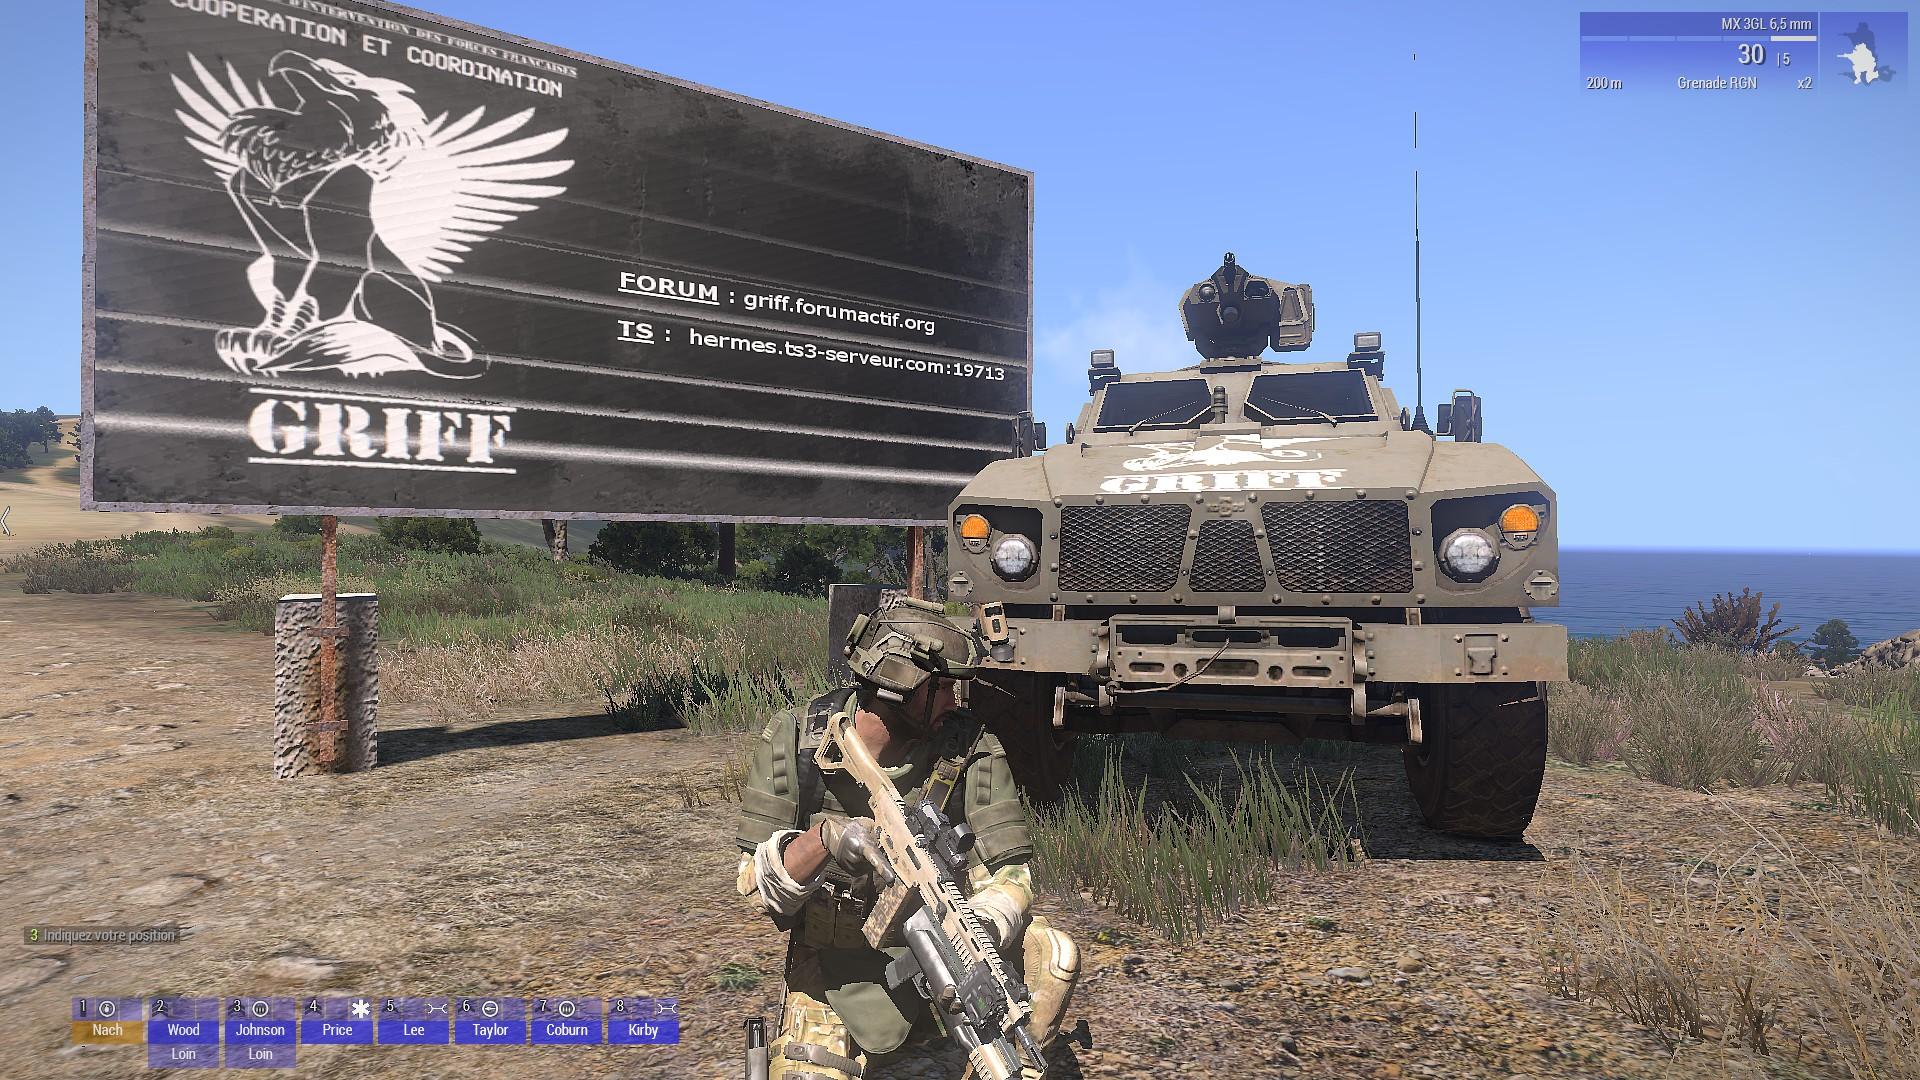 Lost_patrol_GRIFF v 0.7.0 CDCBA951CB36E43078A28AFB3896C007397469DD